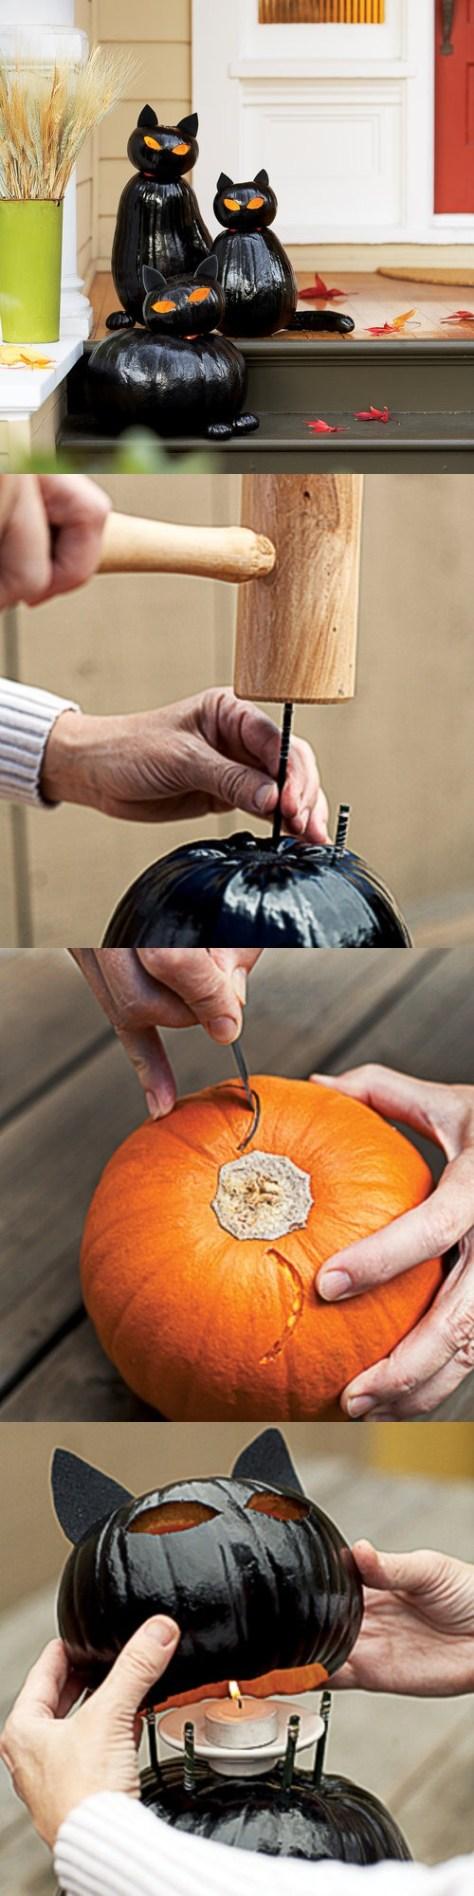 7. Make Black Cat Lanterns